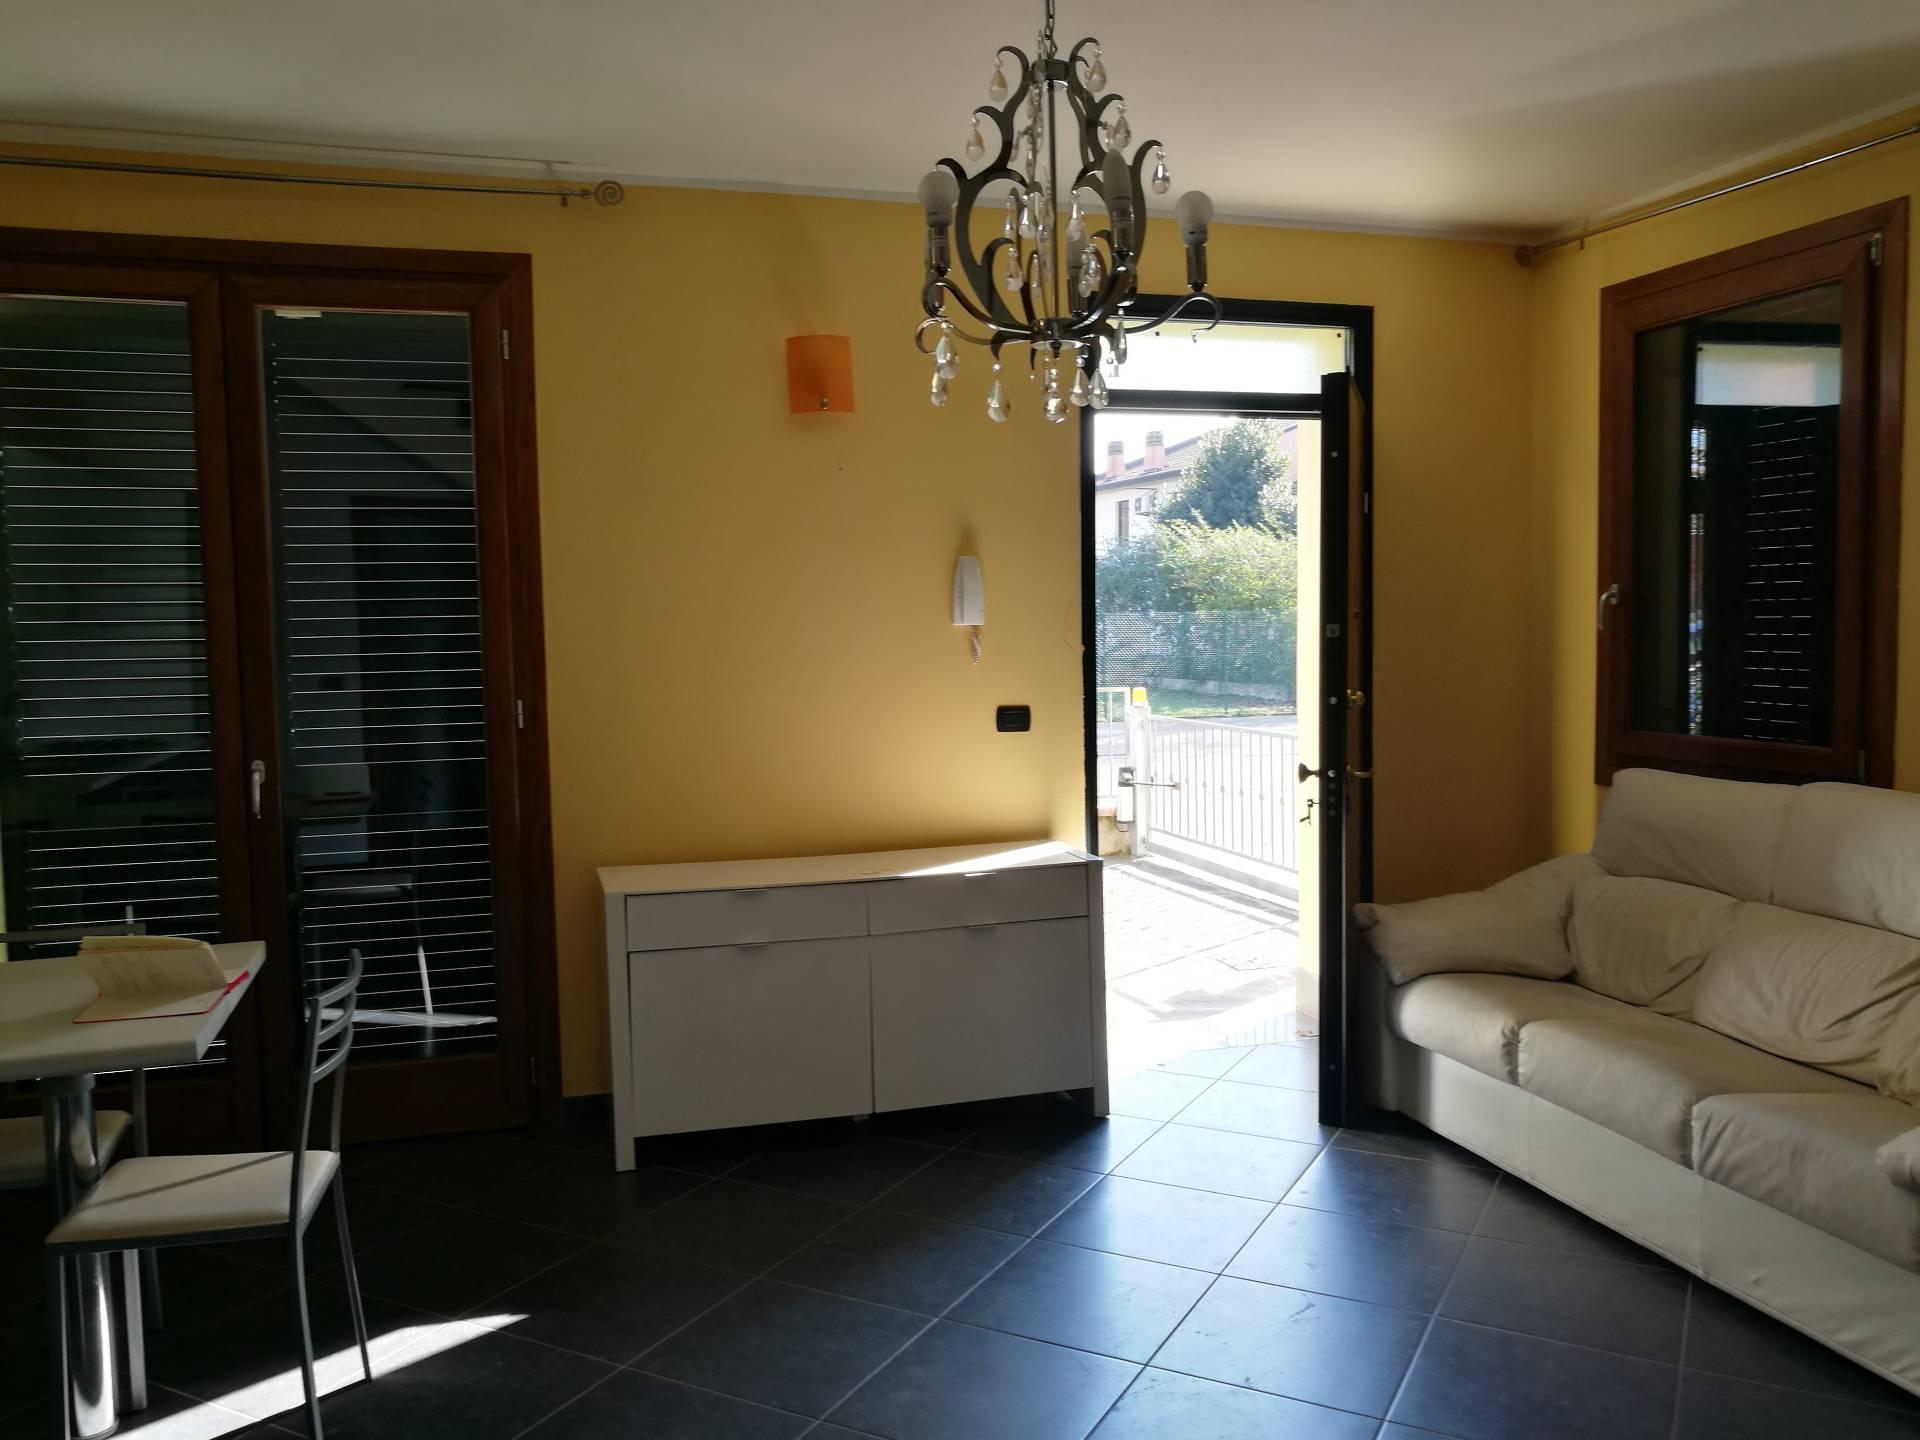 Villa in affitto a Conselice, 5 locali, prezzo € 600 | Cambio Casa.it